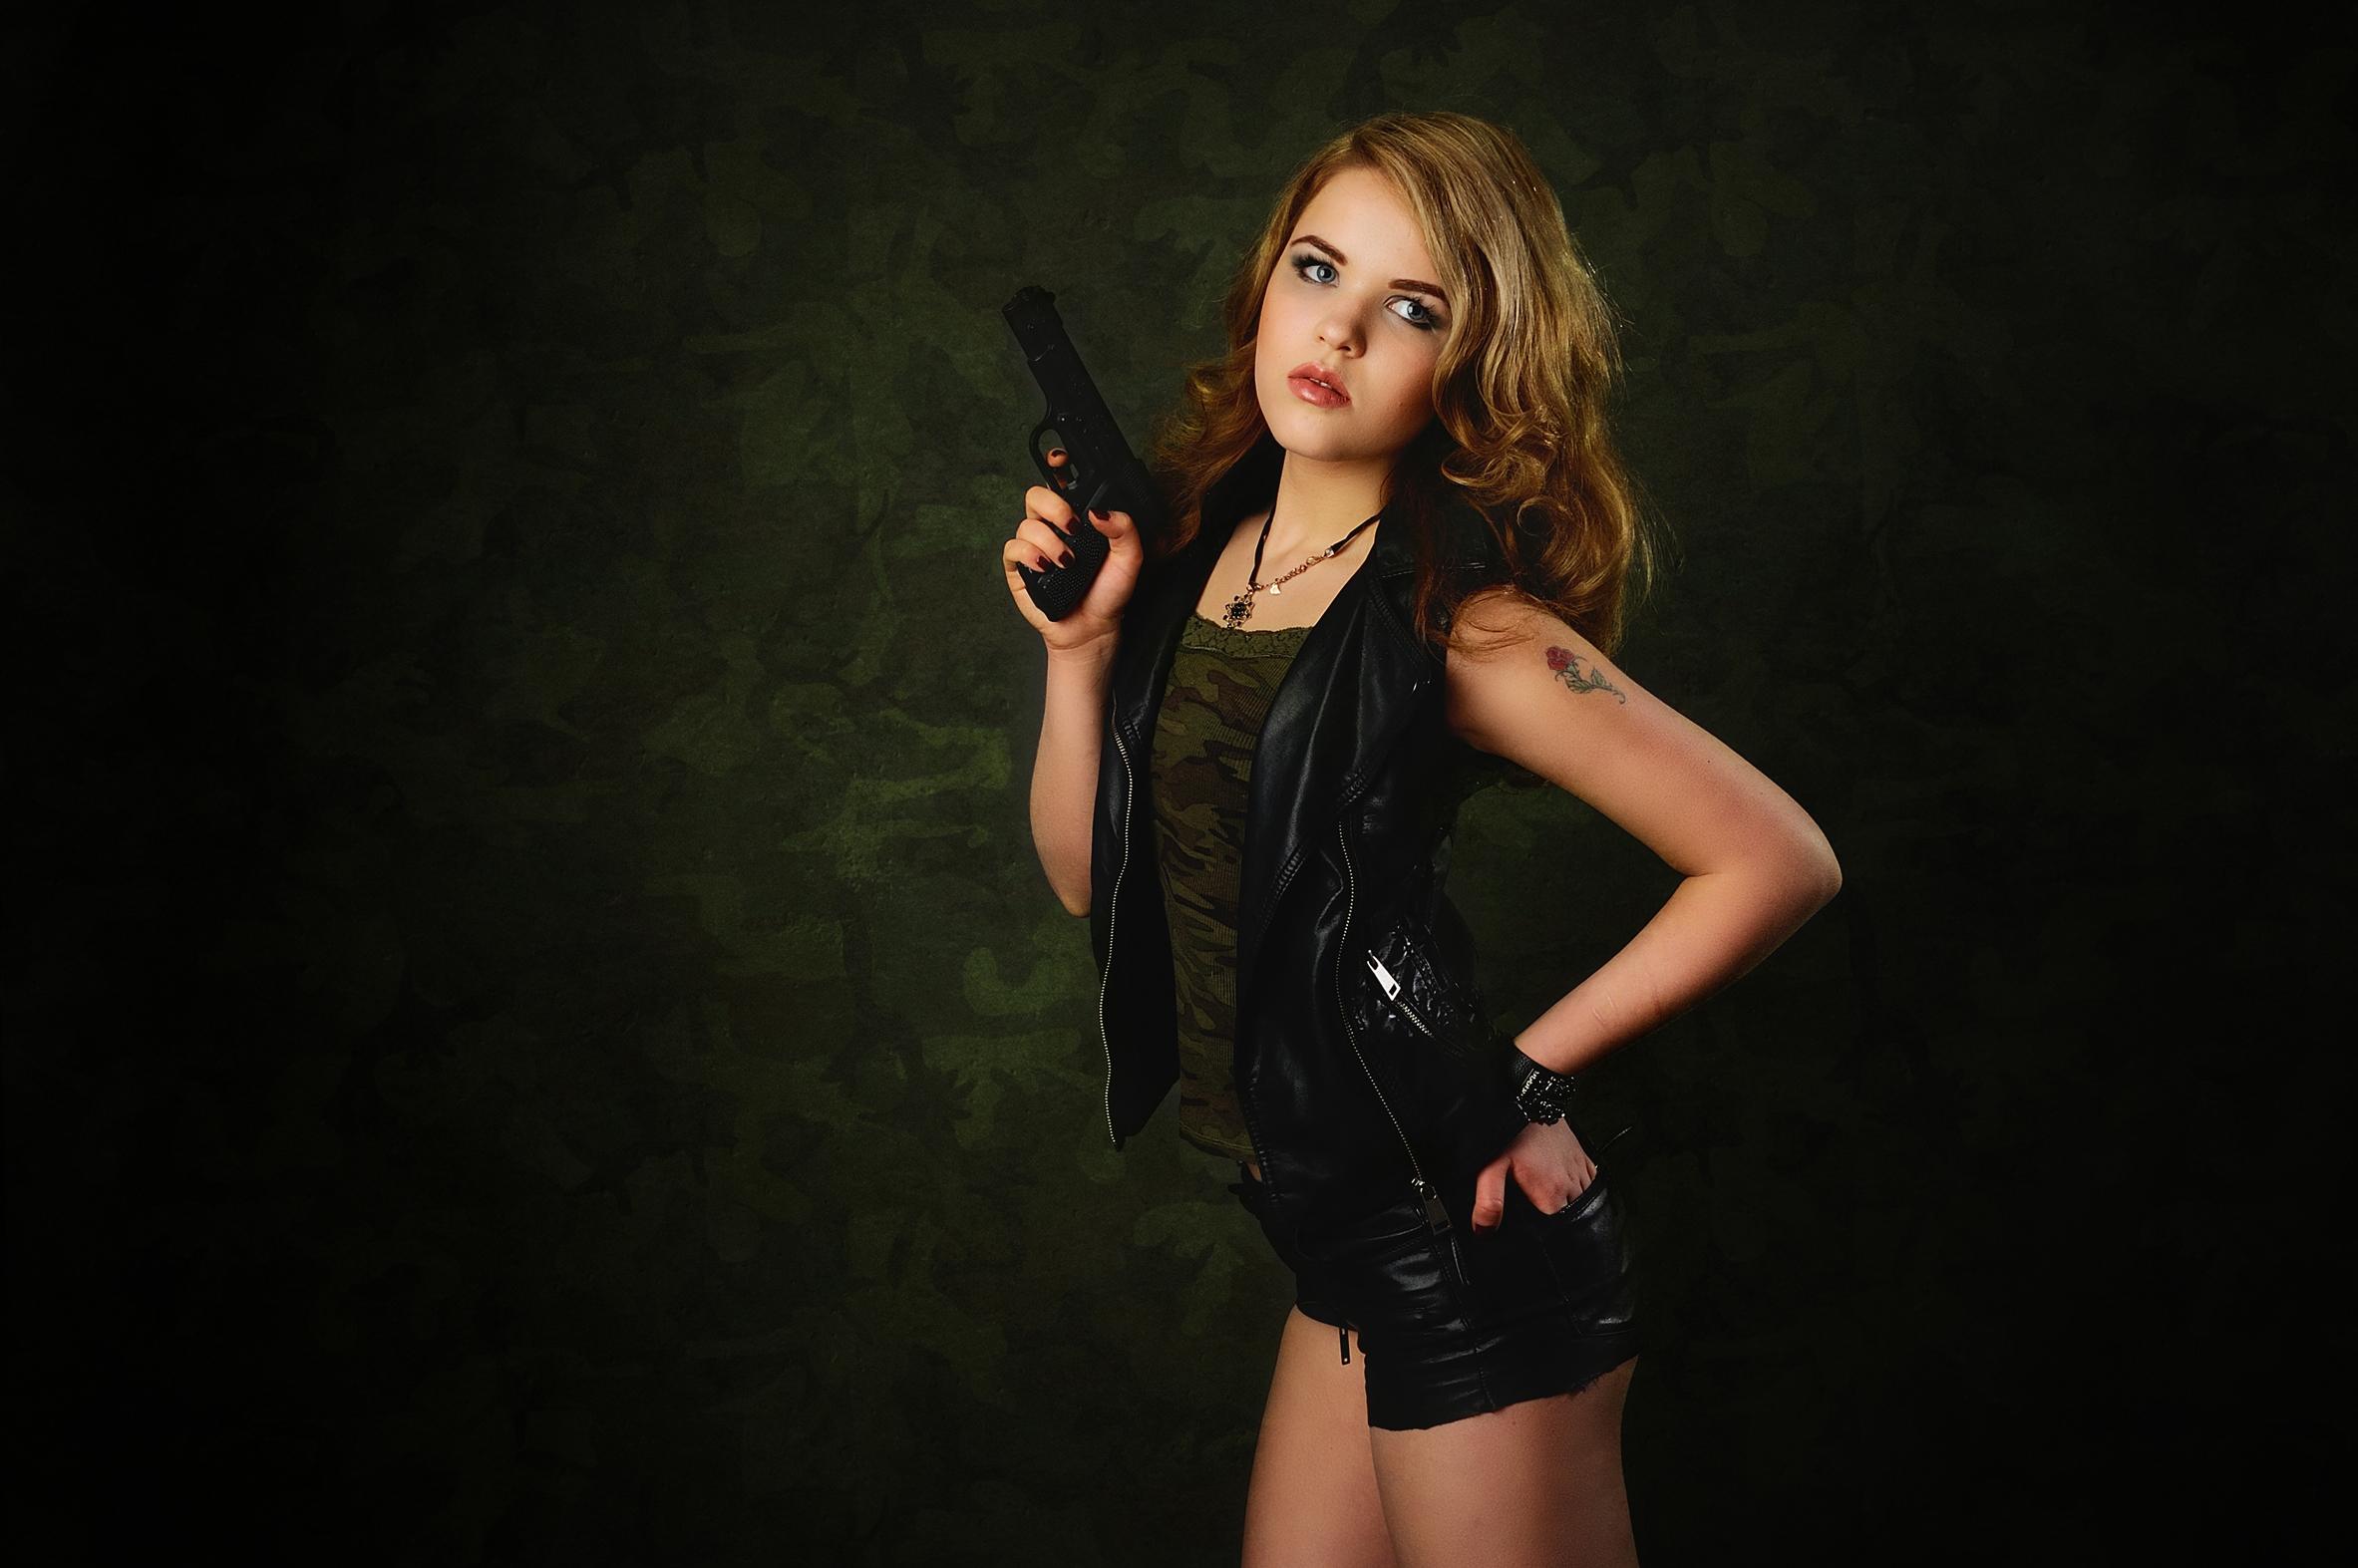 Макияж для фотосессии в стиле милитари